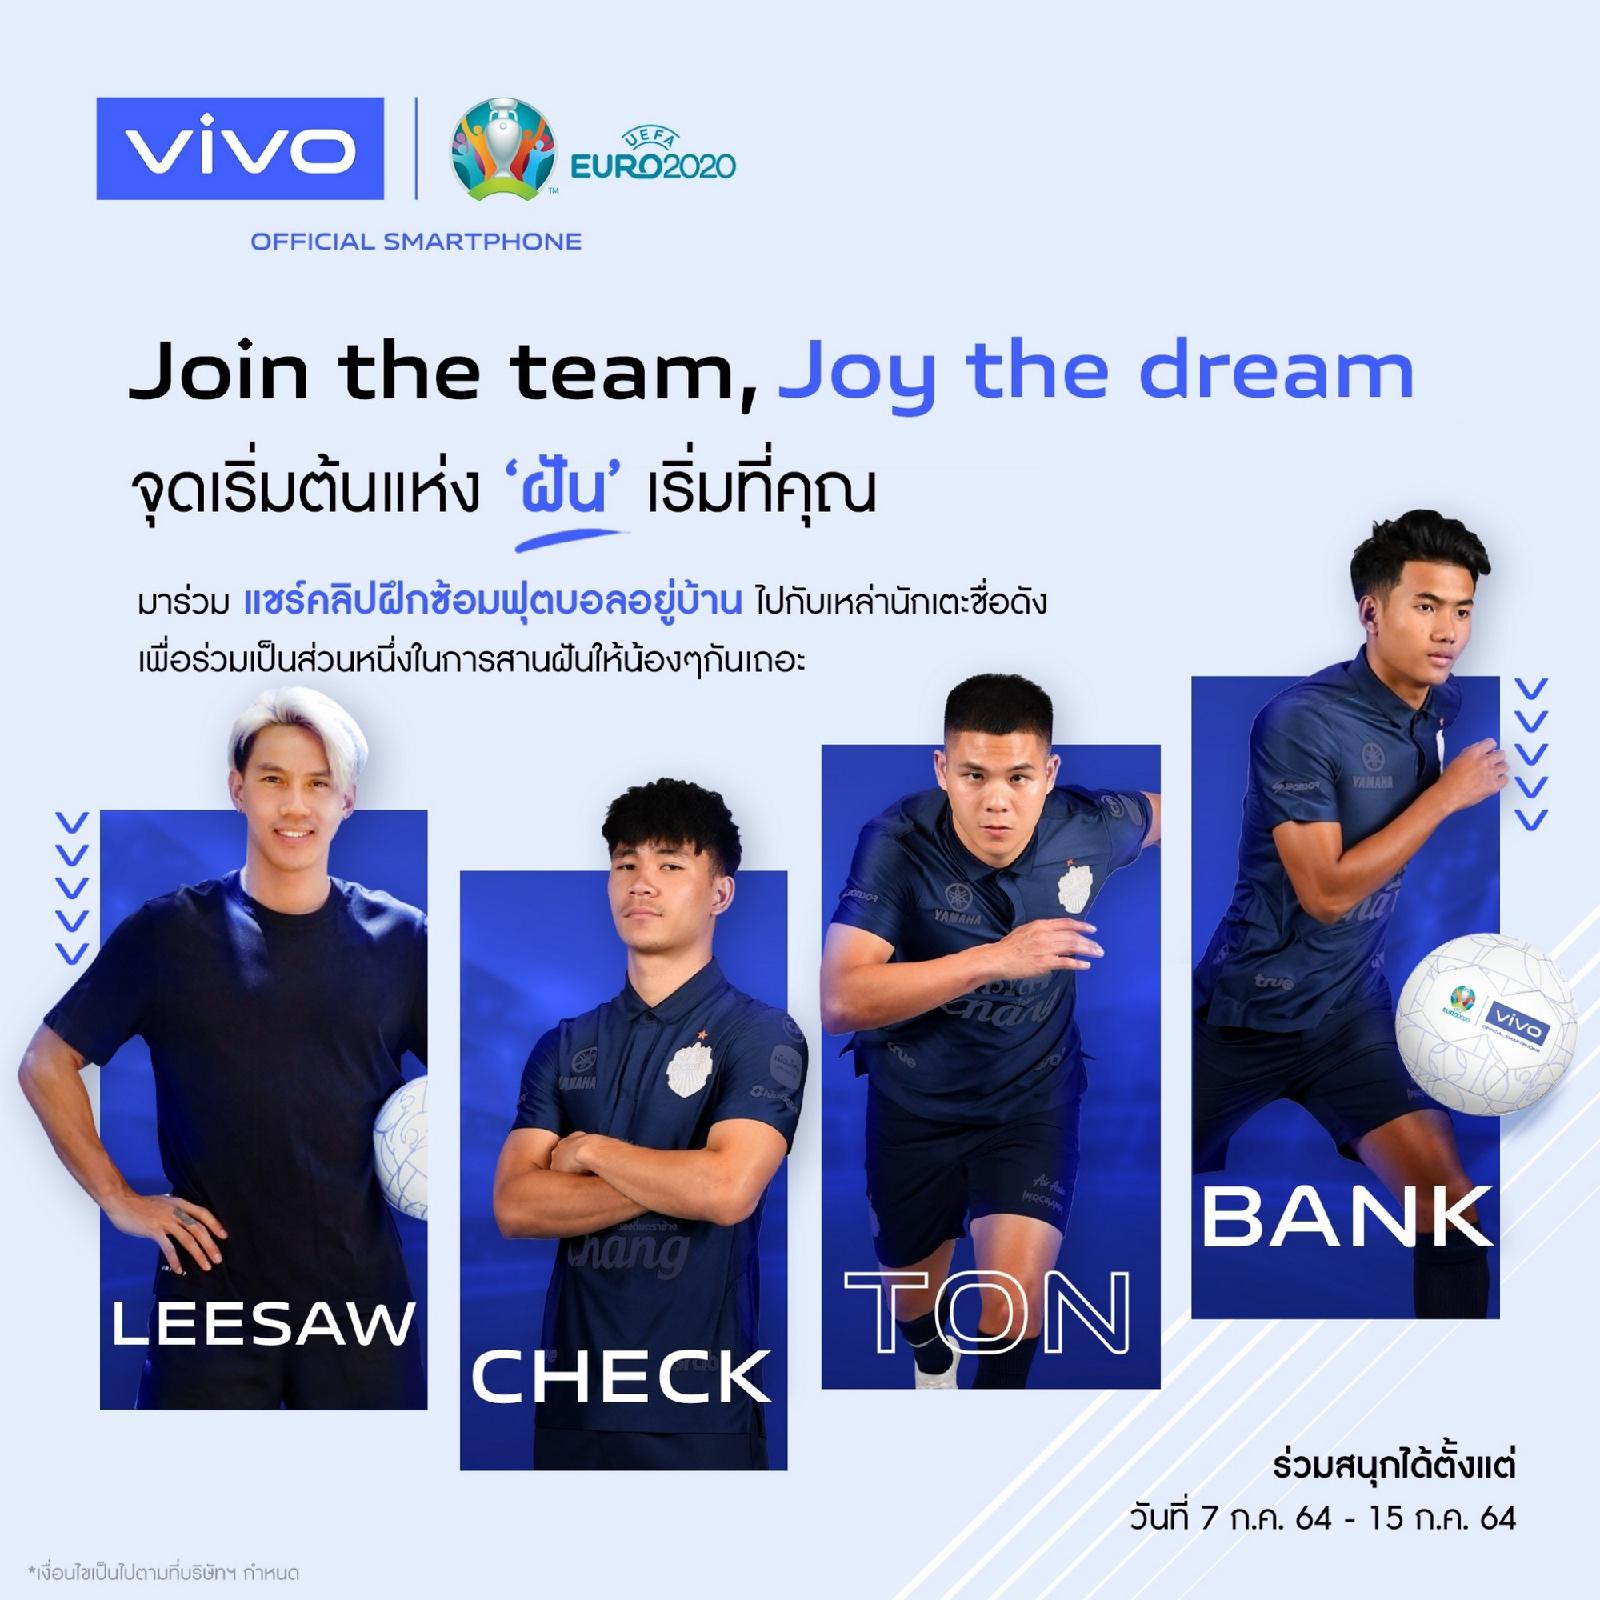 vivo ส่งแคมเปญ Join the Team, Joy the Dream จุดเริ่มต้นแห่ง ฝัน เริ่มที่คุณ รับกระแสบอล EURO 2020 ชวนแฟนบอลไทยแชร์ทักษะบอลผ่านวิดีโอกับนักเตะชื่อดัง สานฝันเยาวชนไทย